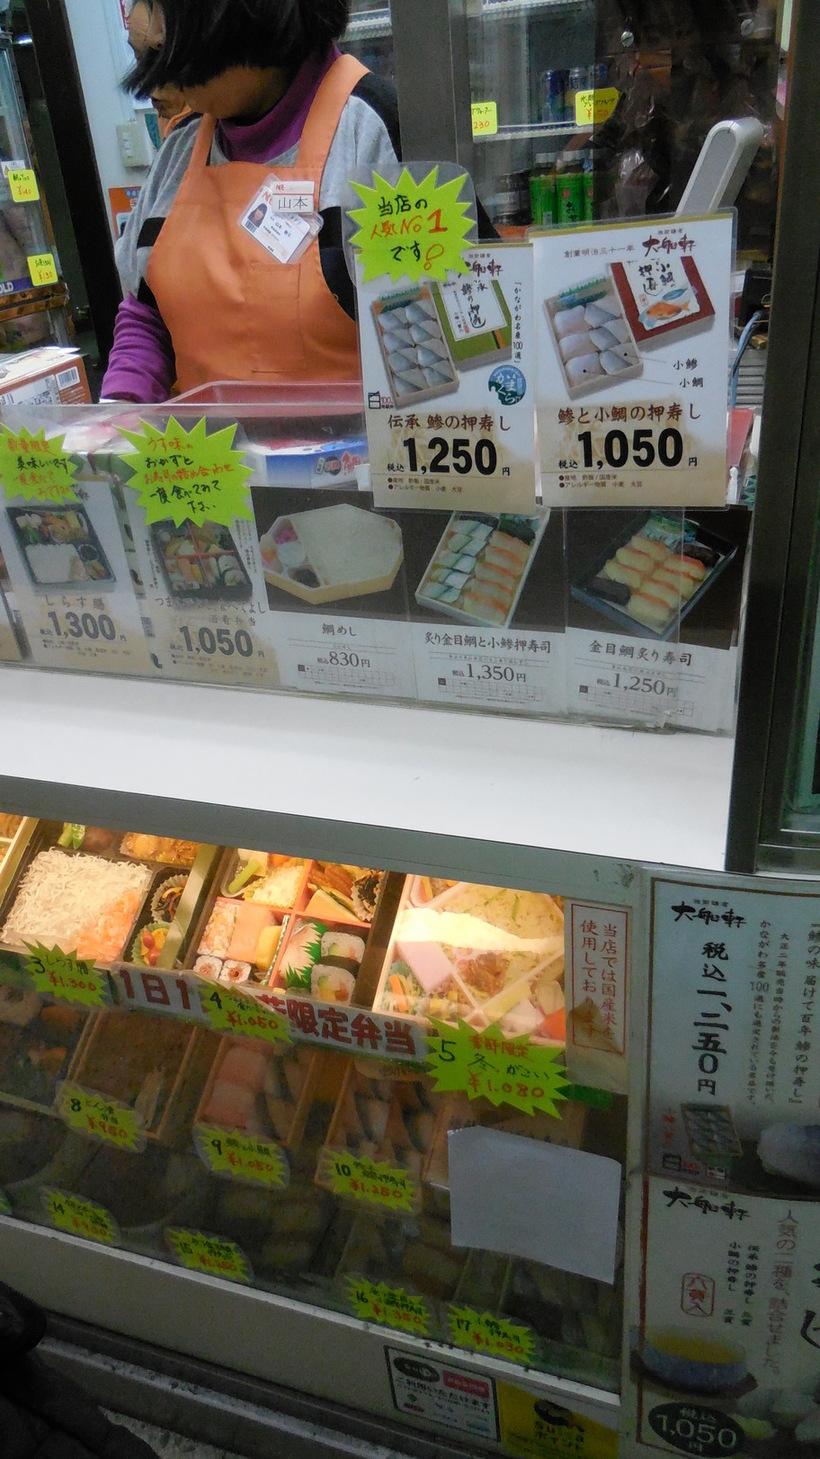 駅弁屋 熱海中央売店